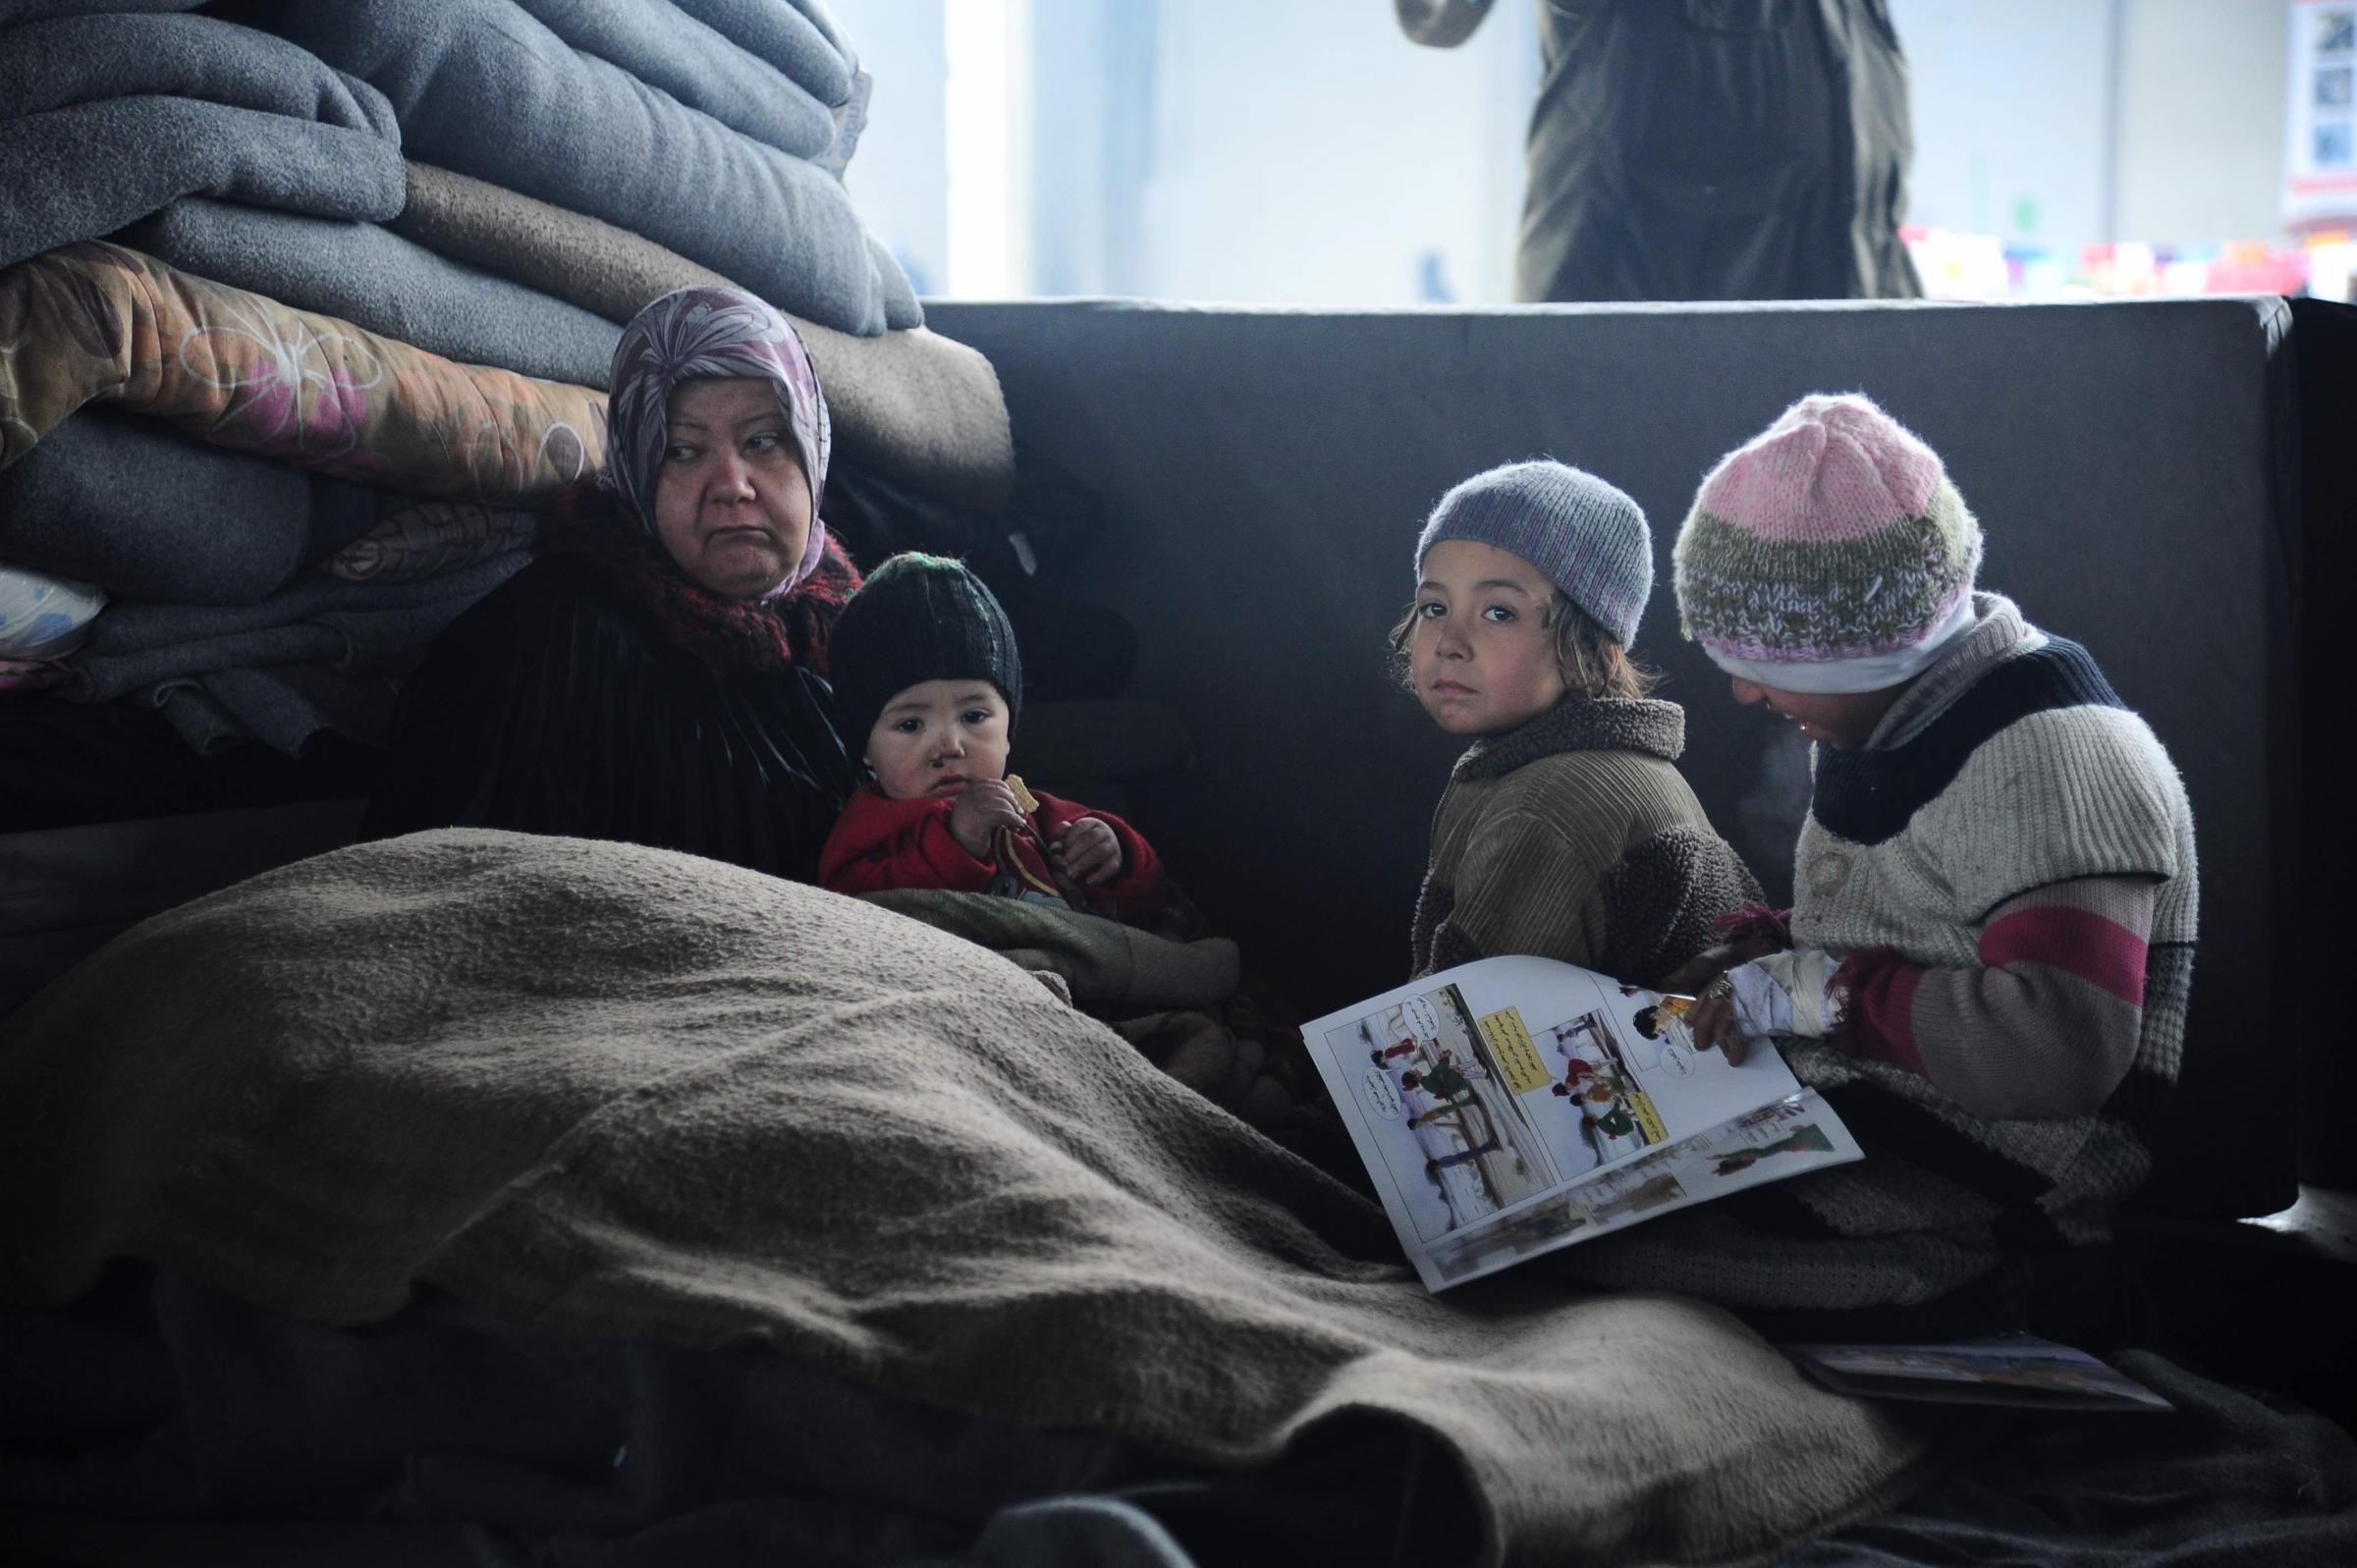 Come aiutare i bambini siriani? Tutto quello che possiamo fare